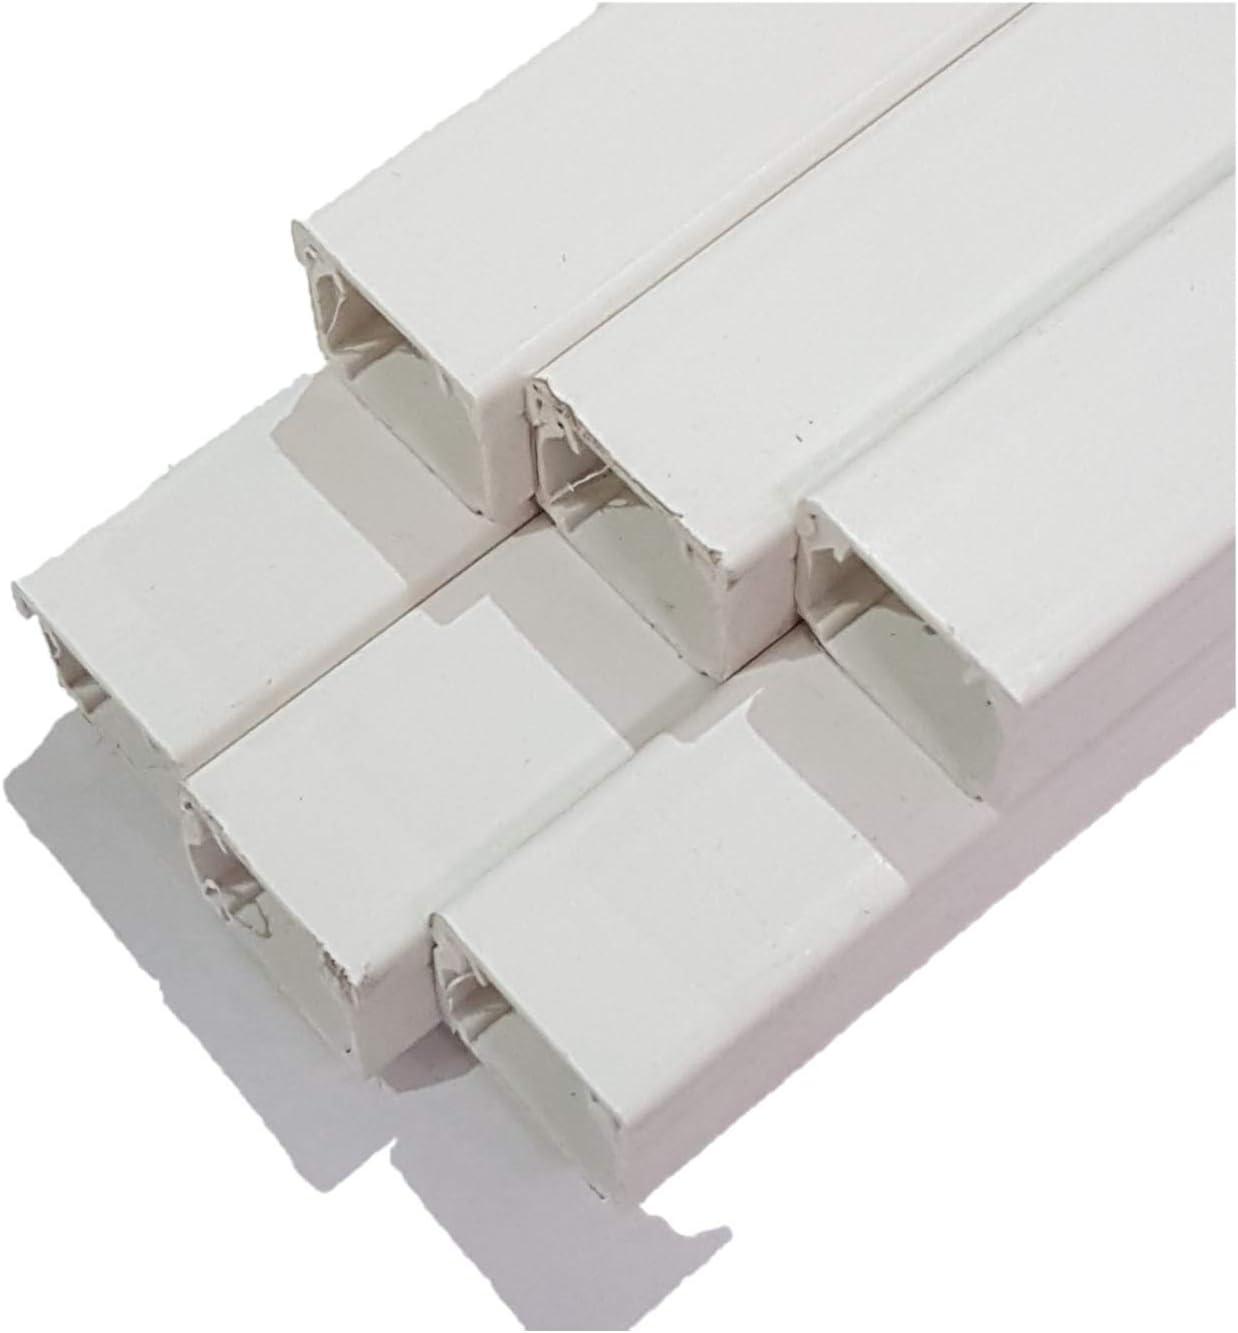 Eckverbinder Innen Eck für Kabelkanal 20x20 mm PVC Weiß von powerpreis24